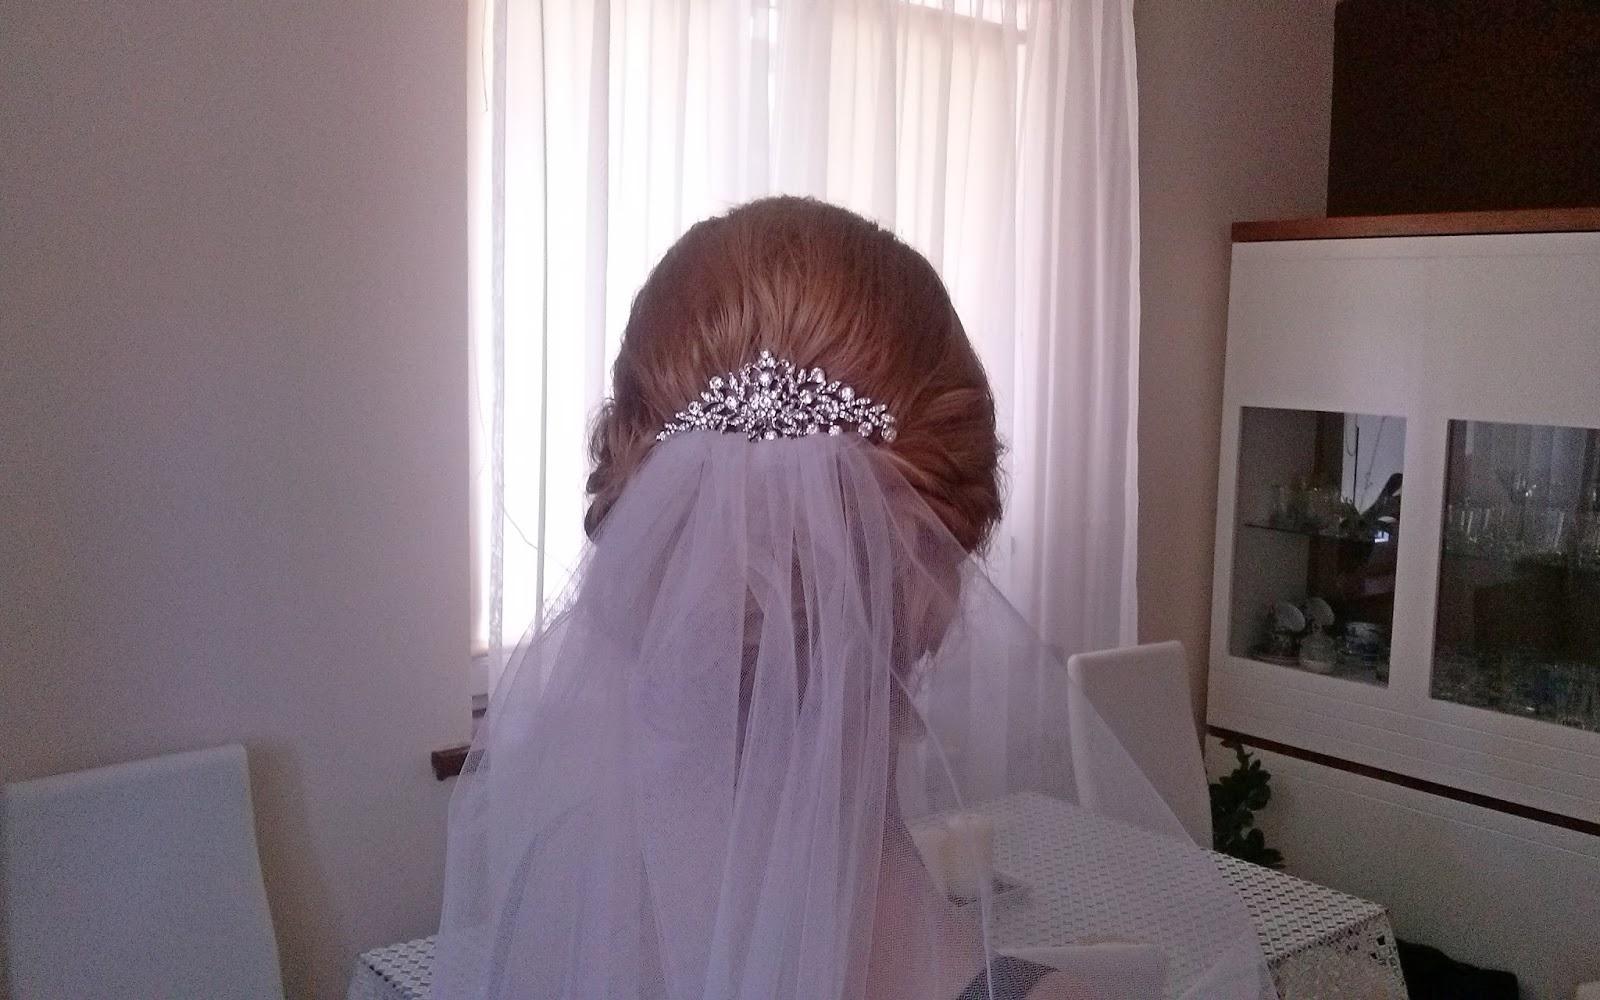 Fryzury Jaka Fryzura Do Welonu Blog O Włosach Fryzjeris